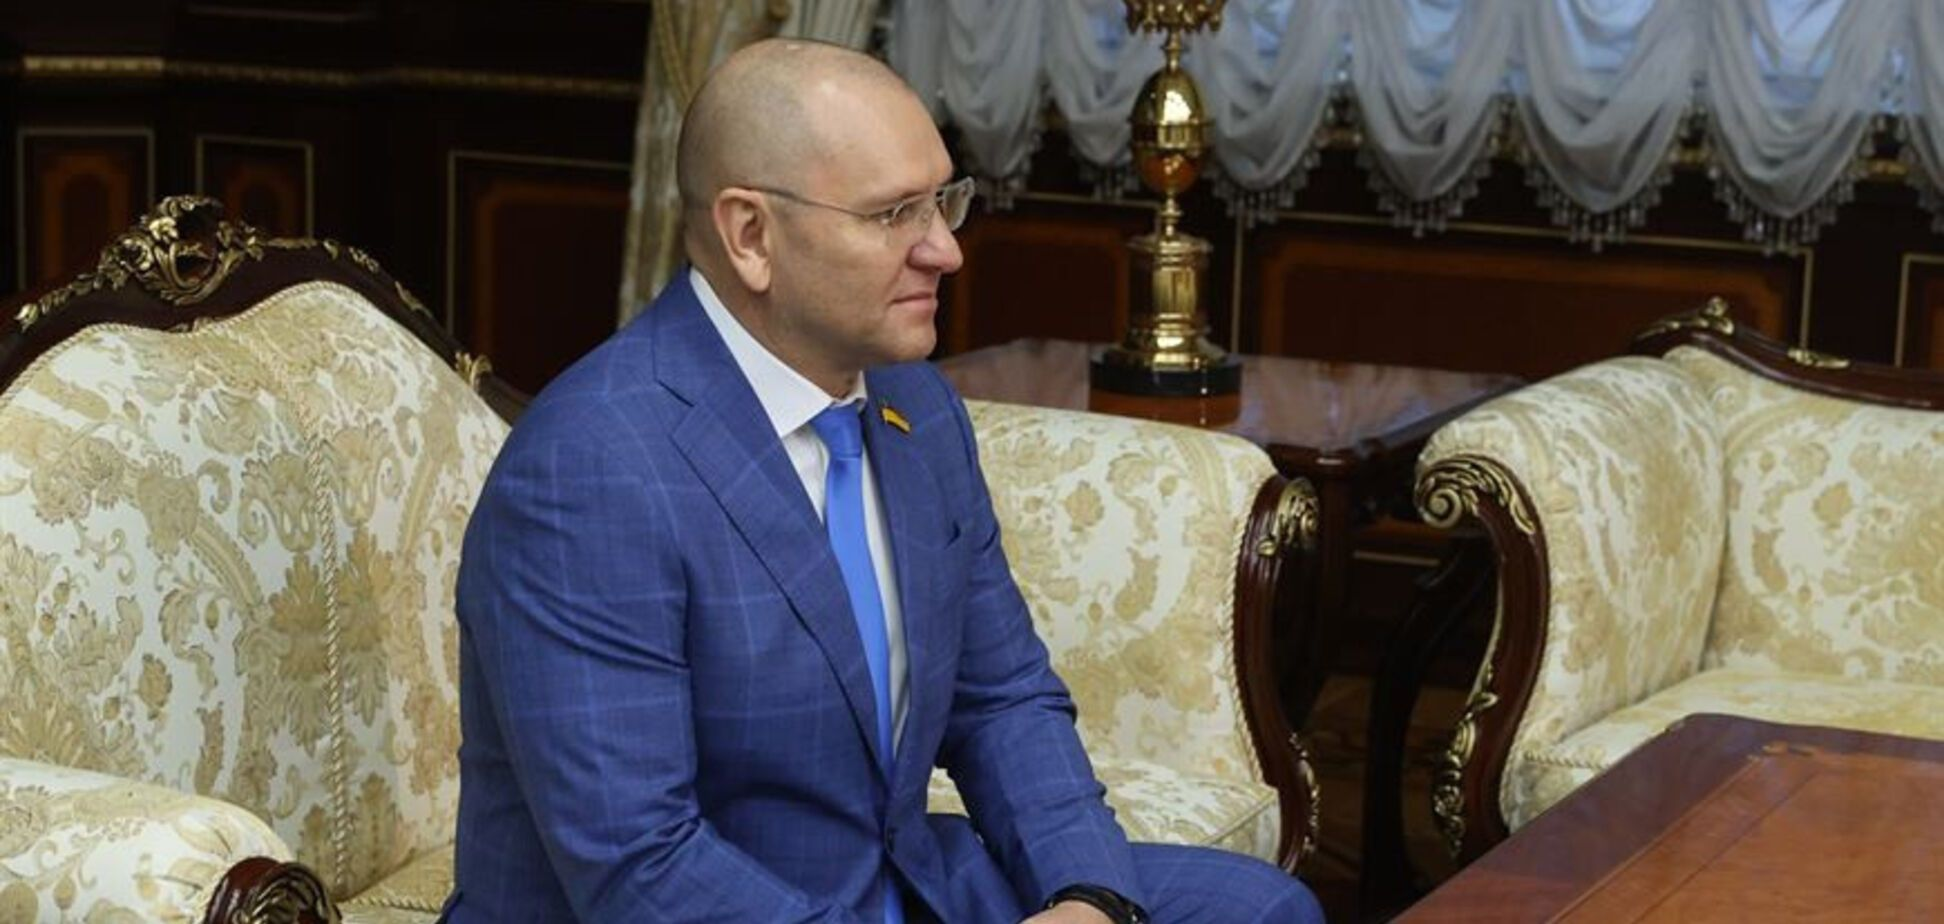 Євген Шевченко прокоментував свій візит до Лукашенка